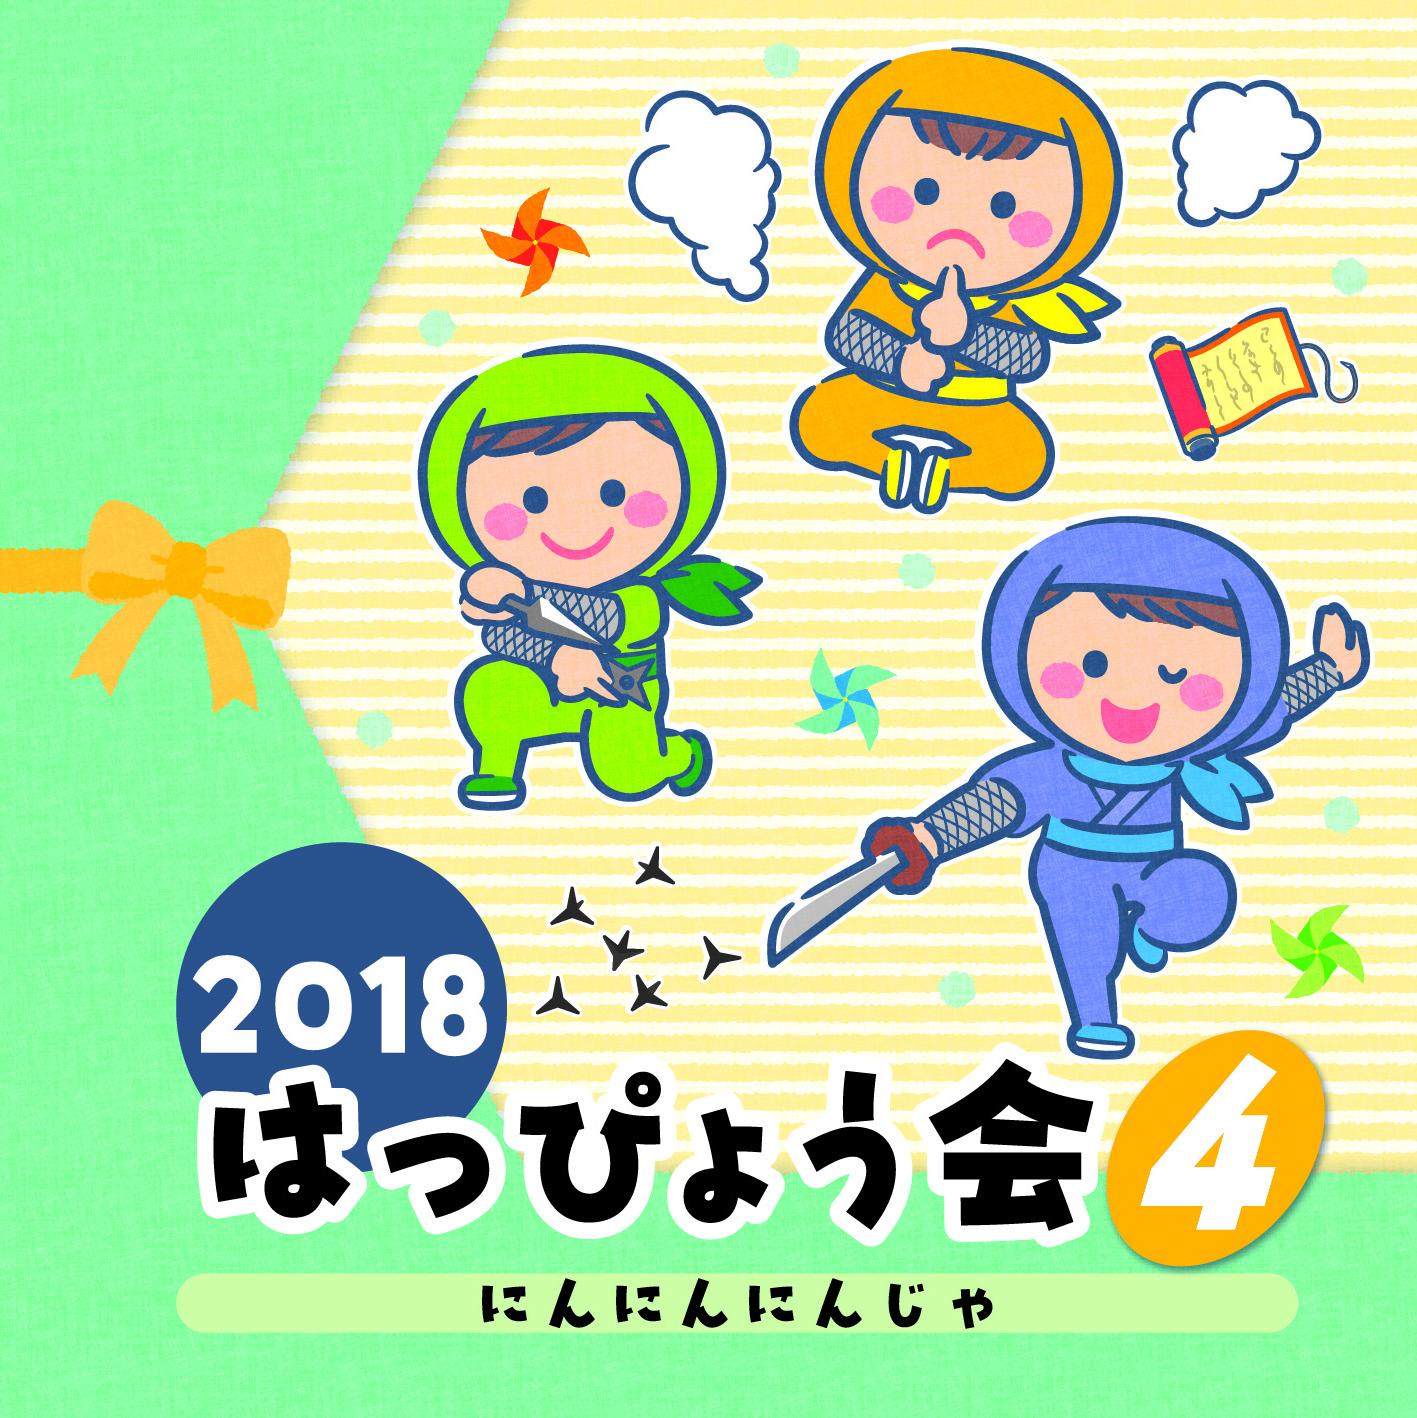 2018 はっぴょう会 (4) にんにんにんじゃ